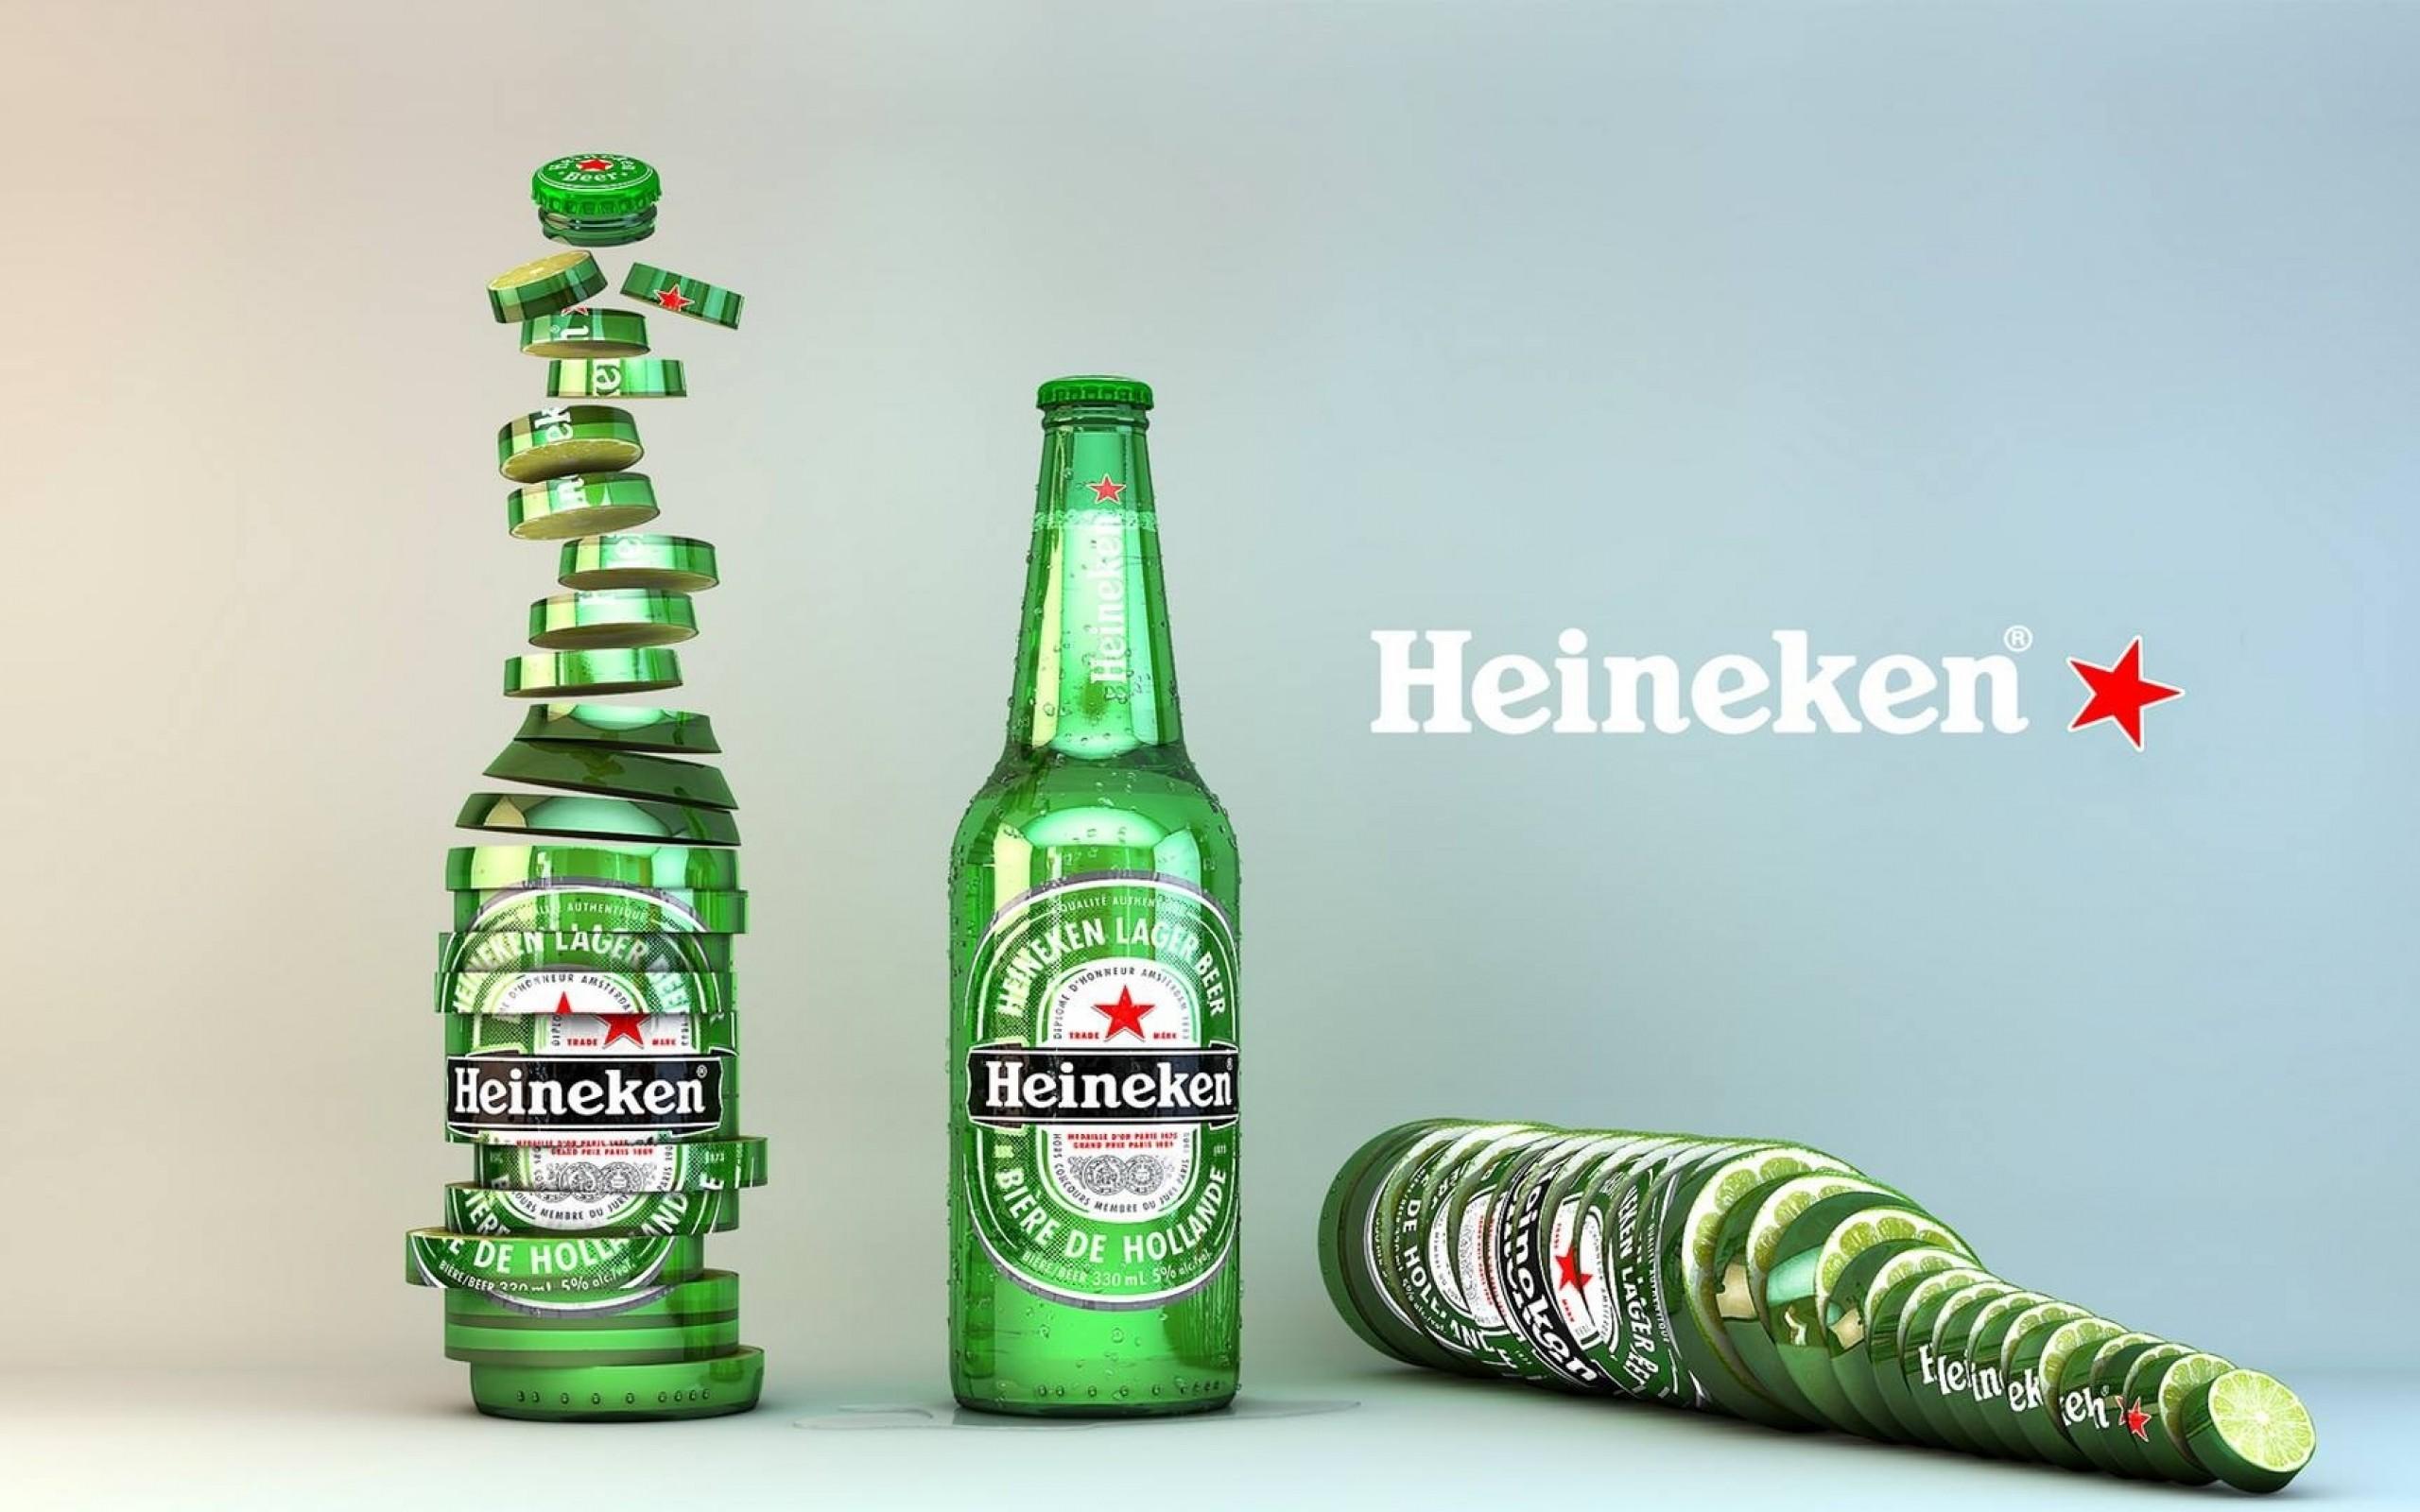 heineken beer hd wallpaper for desktop and mobiles 13 retina